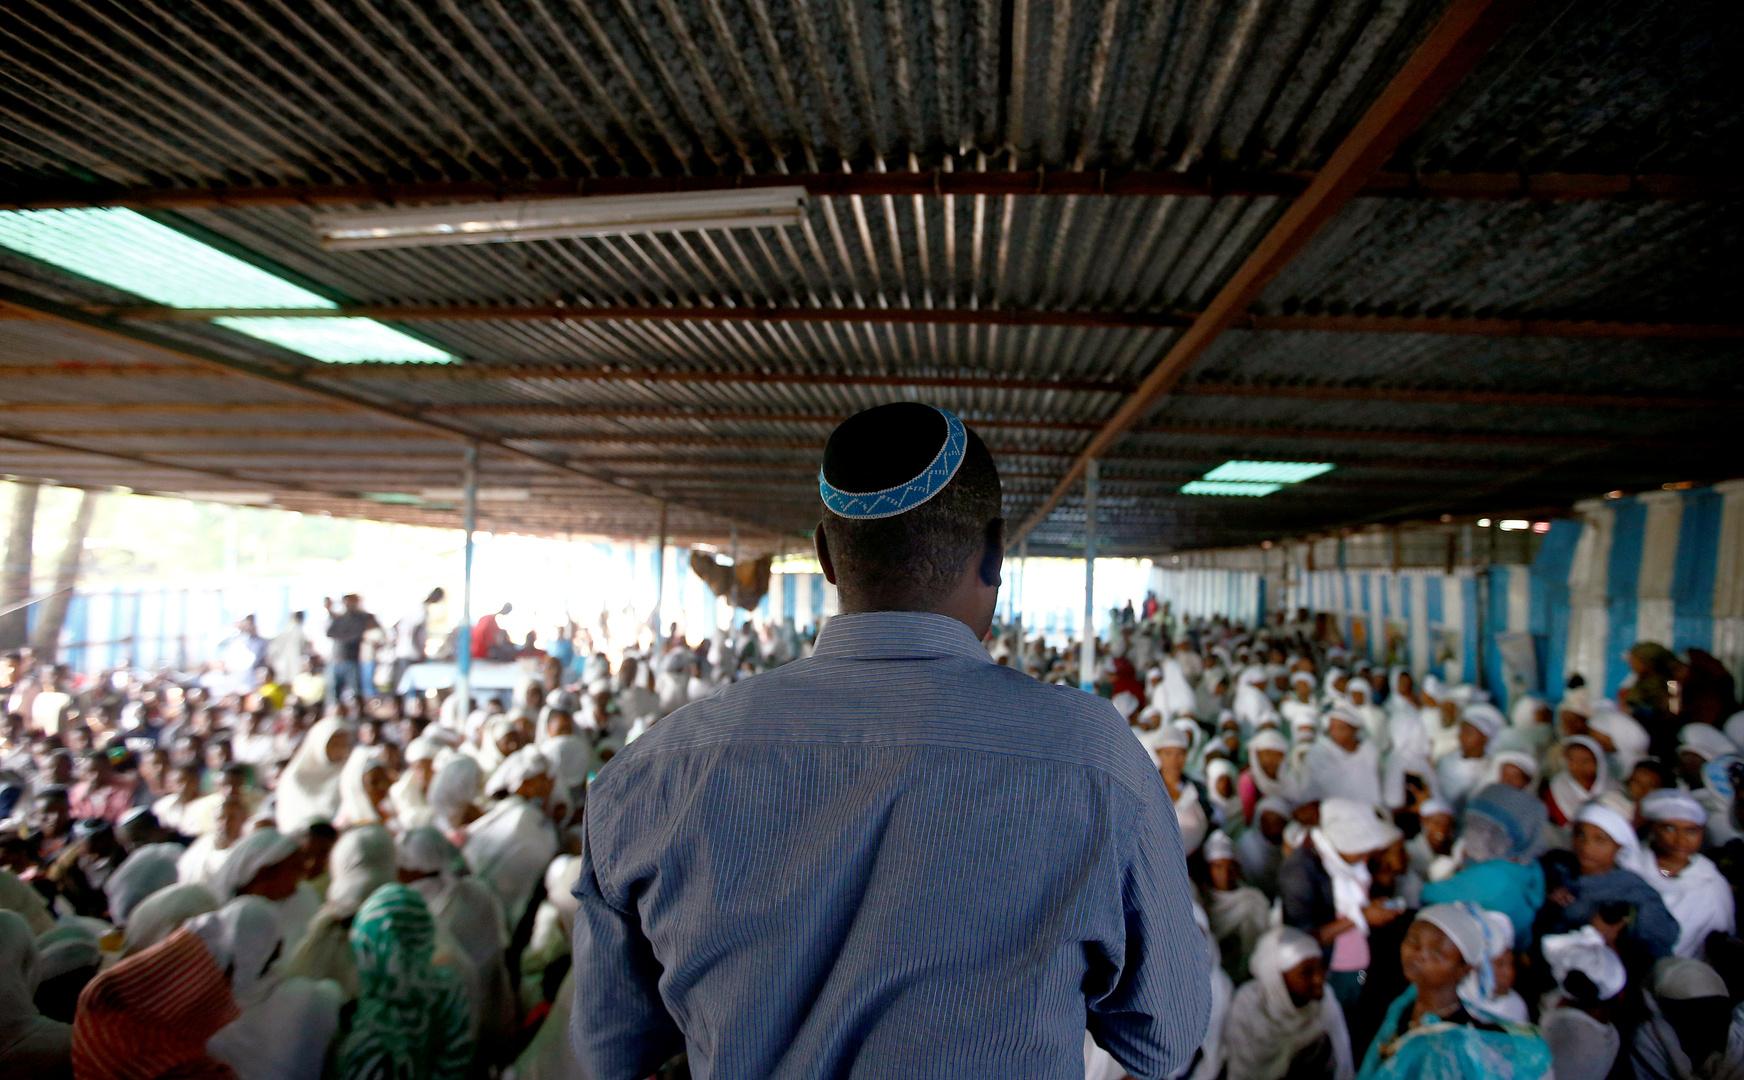 إسرائيل تمنع بعثاتها الطلابية من زيارة إثيوبيا